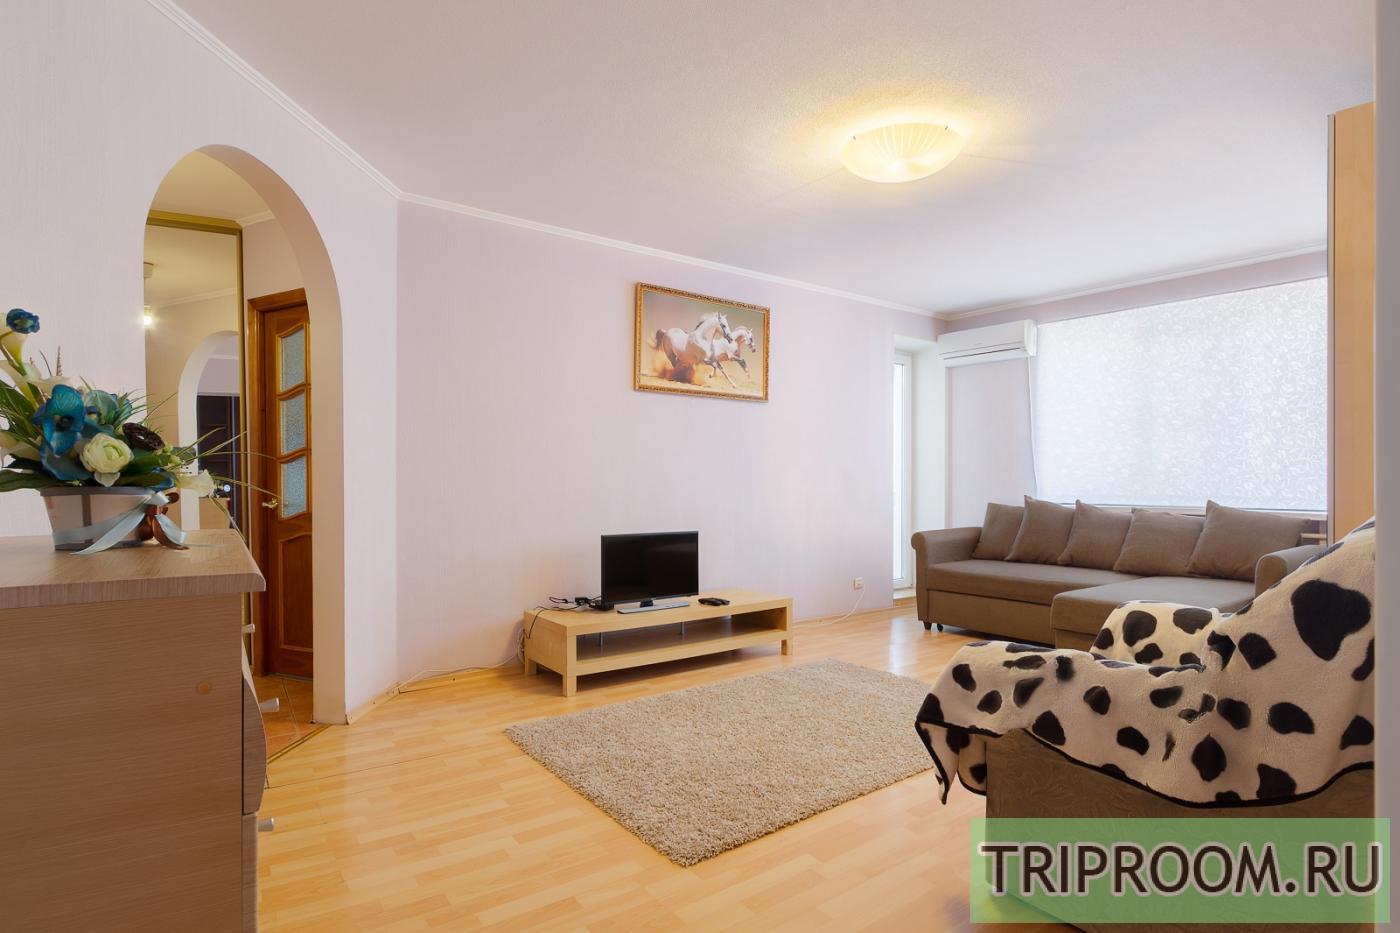 2-комнатная квартира посуточно (вариант № 11540), ул. Красноармейская улица, фото № 2